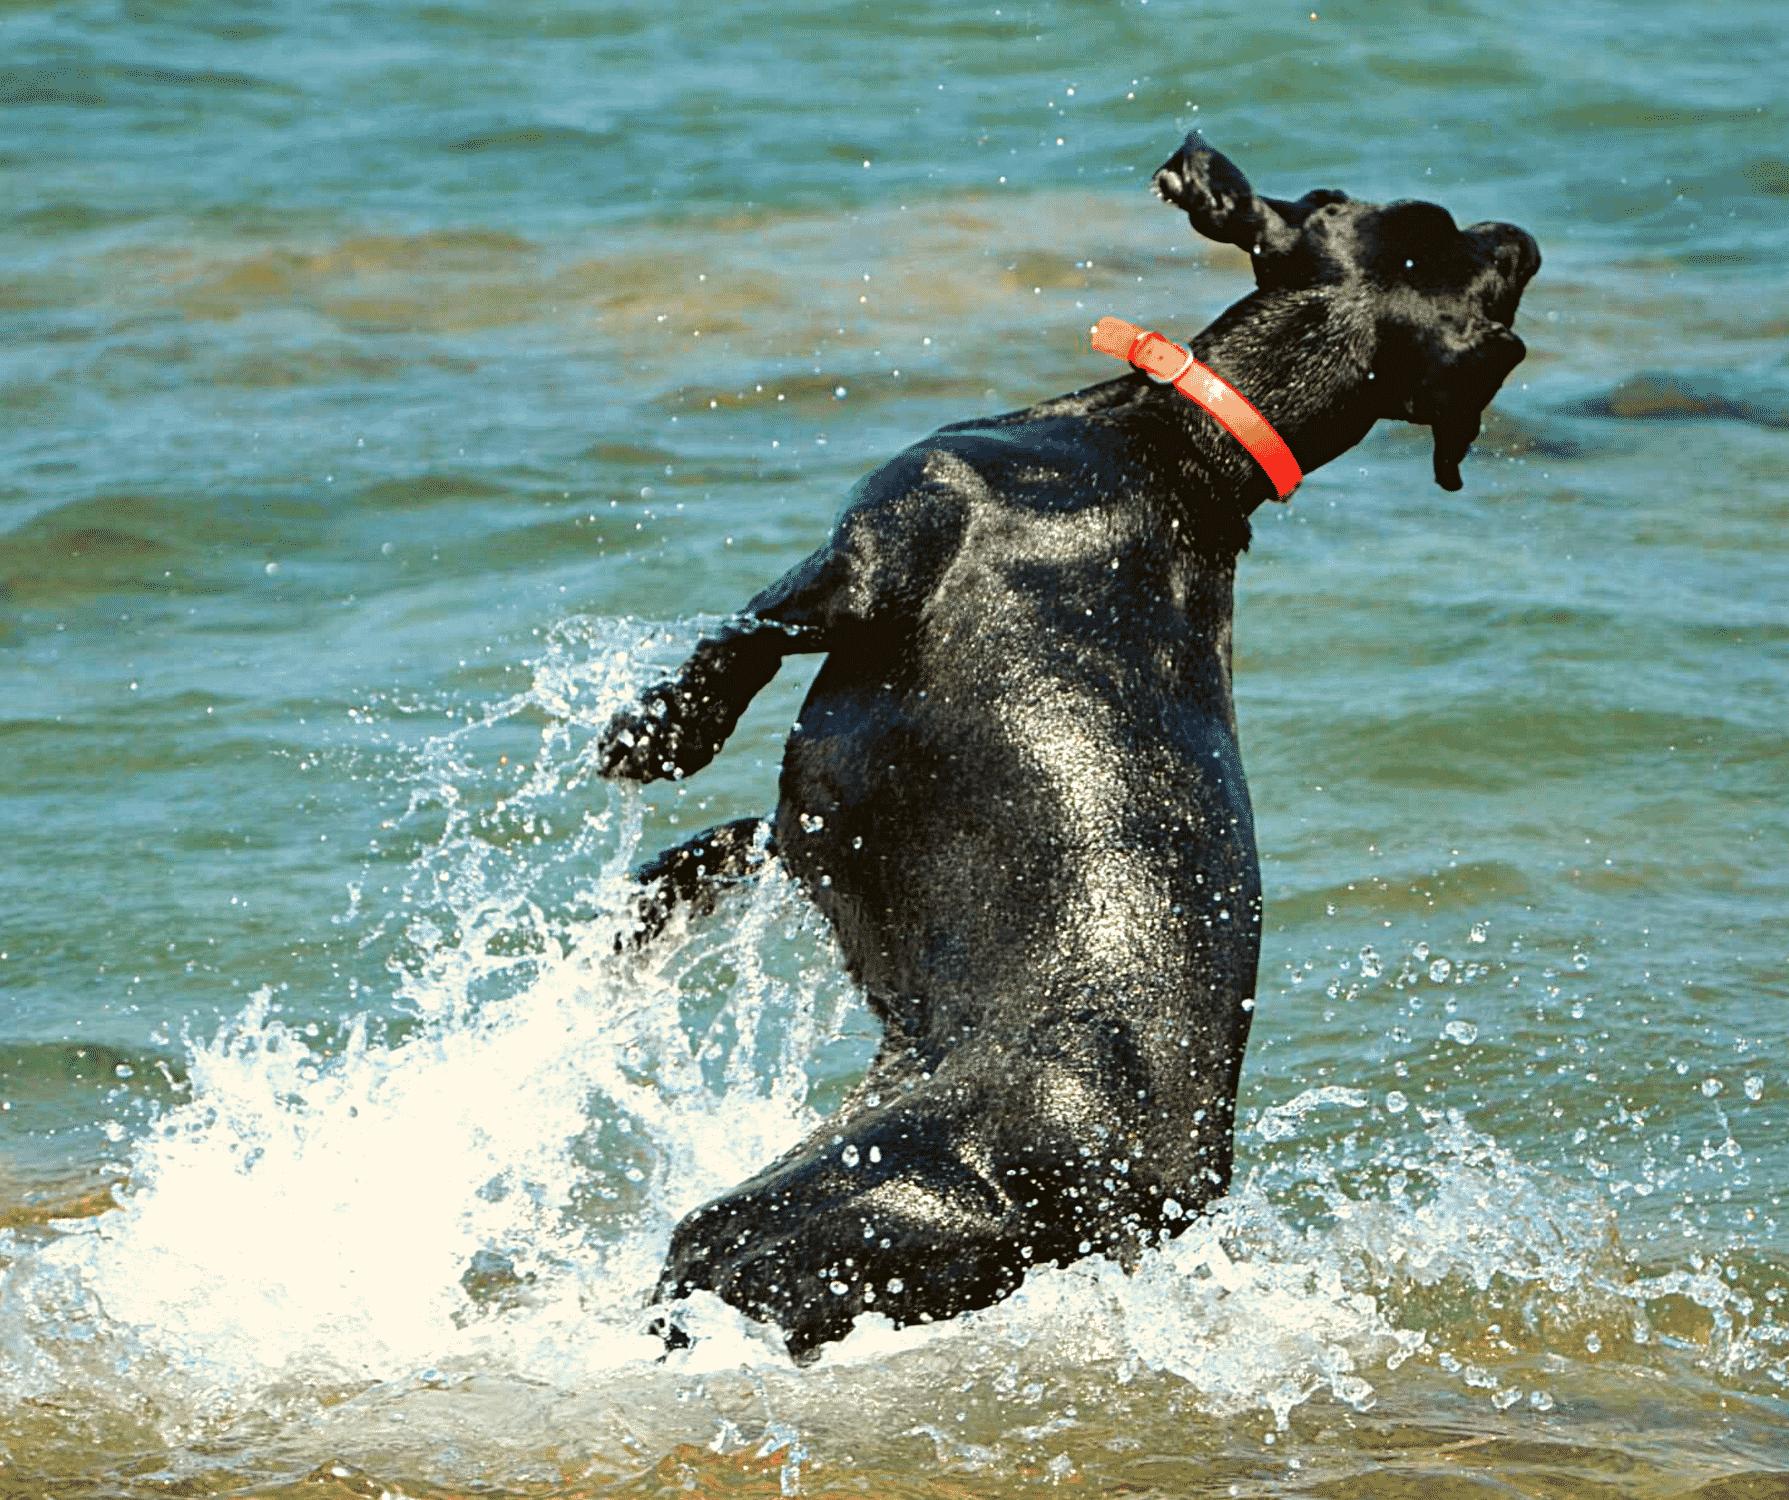 Hunde: Hitze & Kühlung, so kannst du helfen